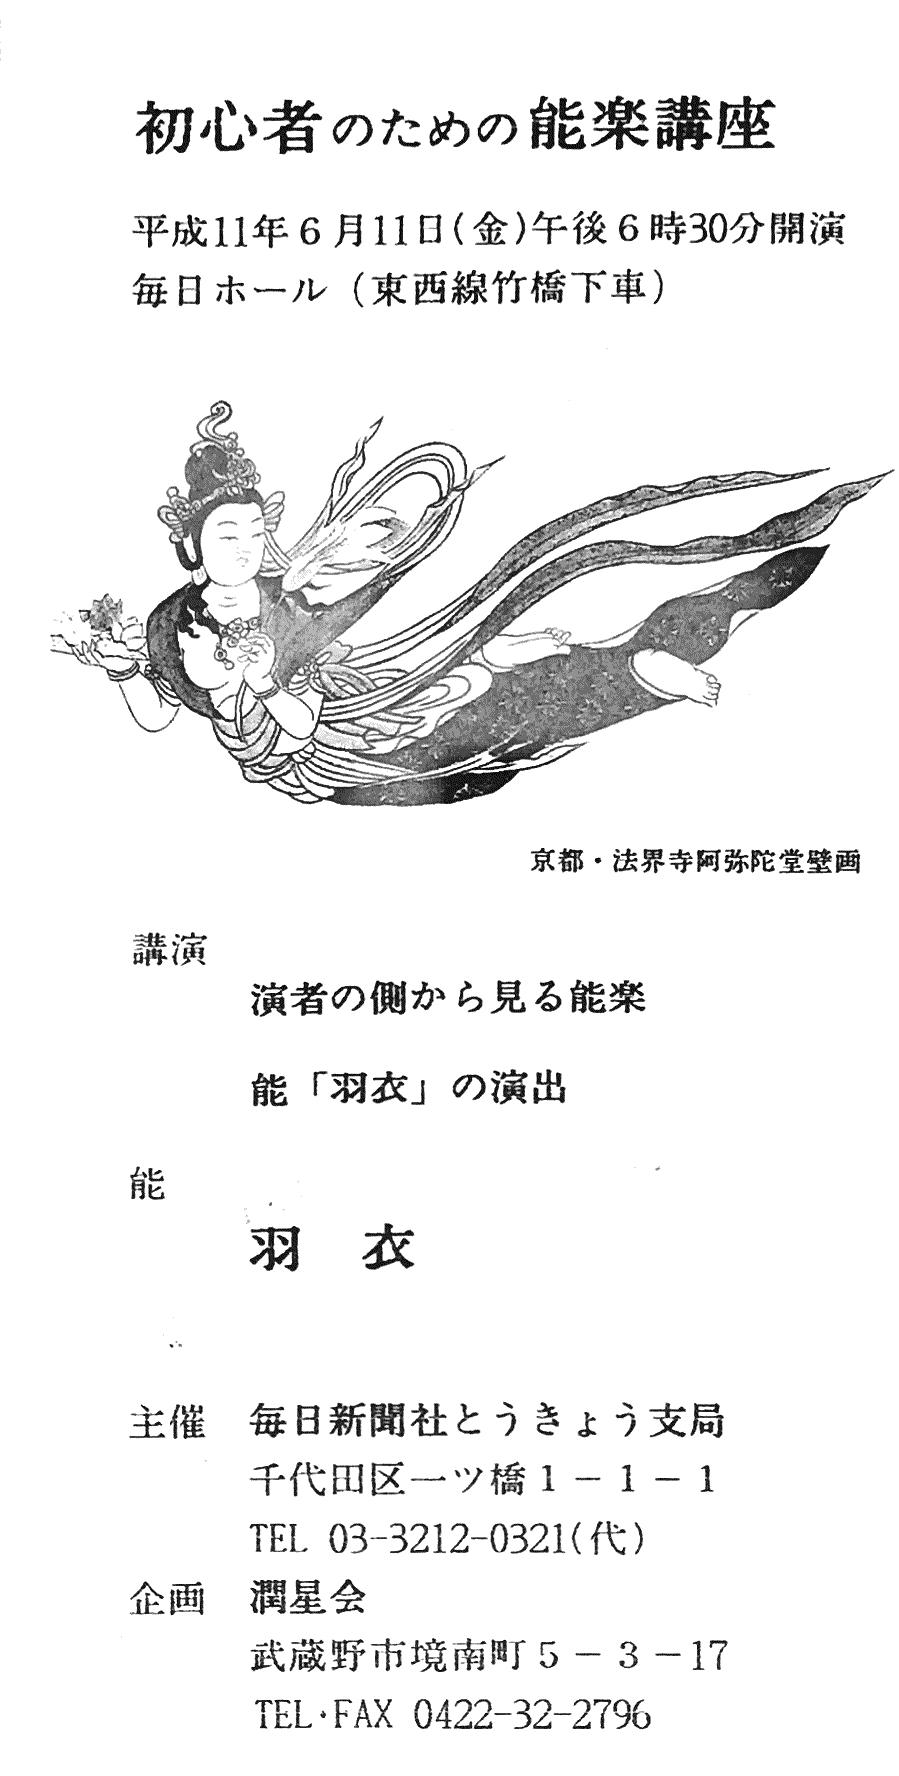 1999年6月11日 初心者のための能楽講座「羽衣」